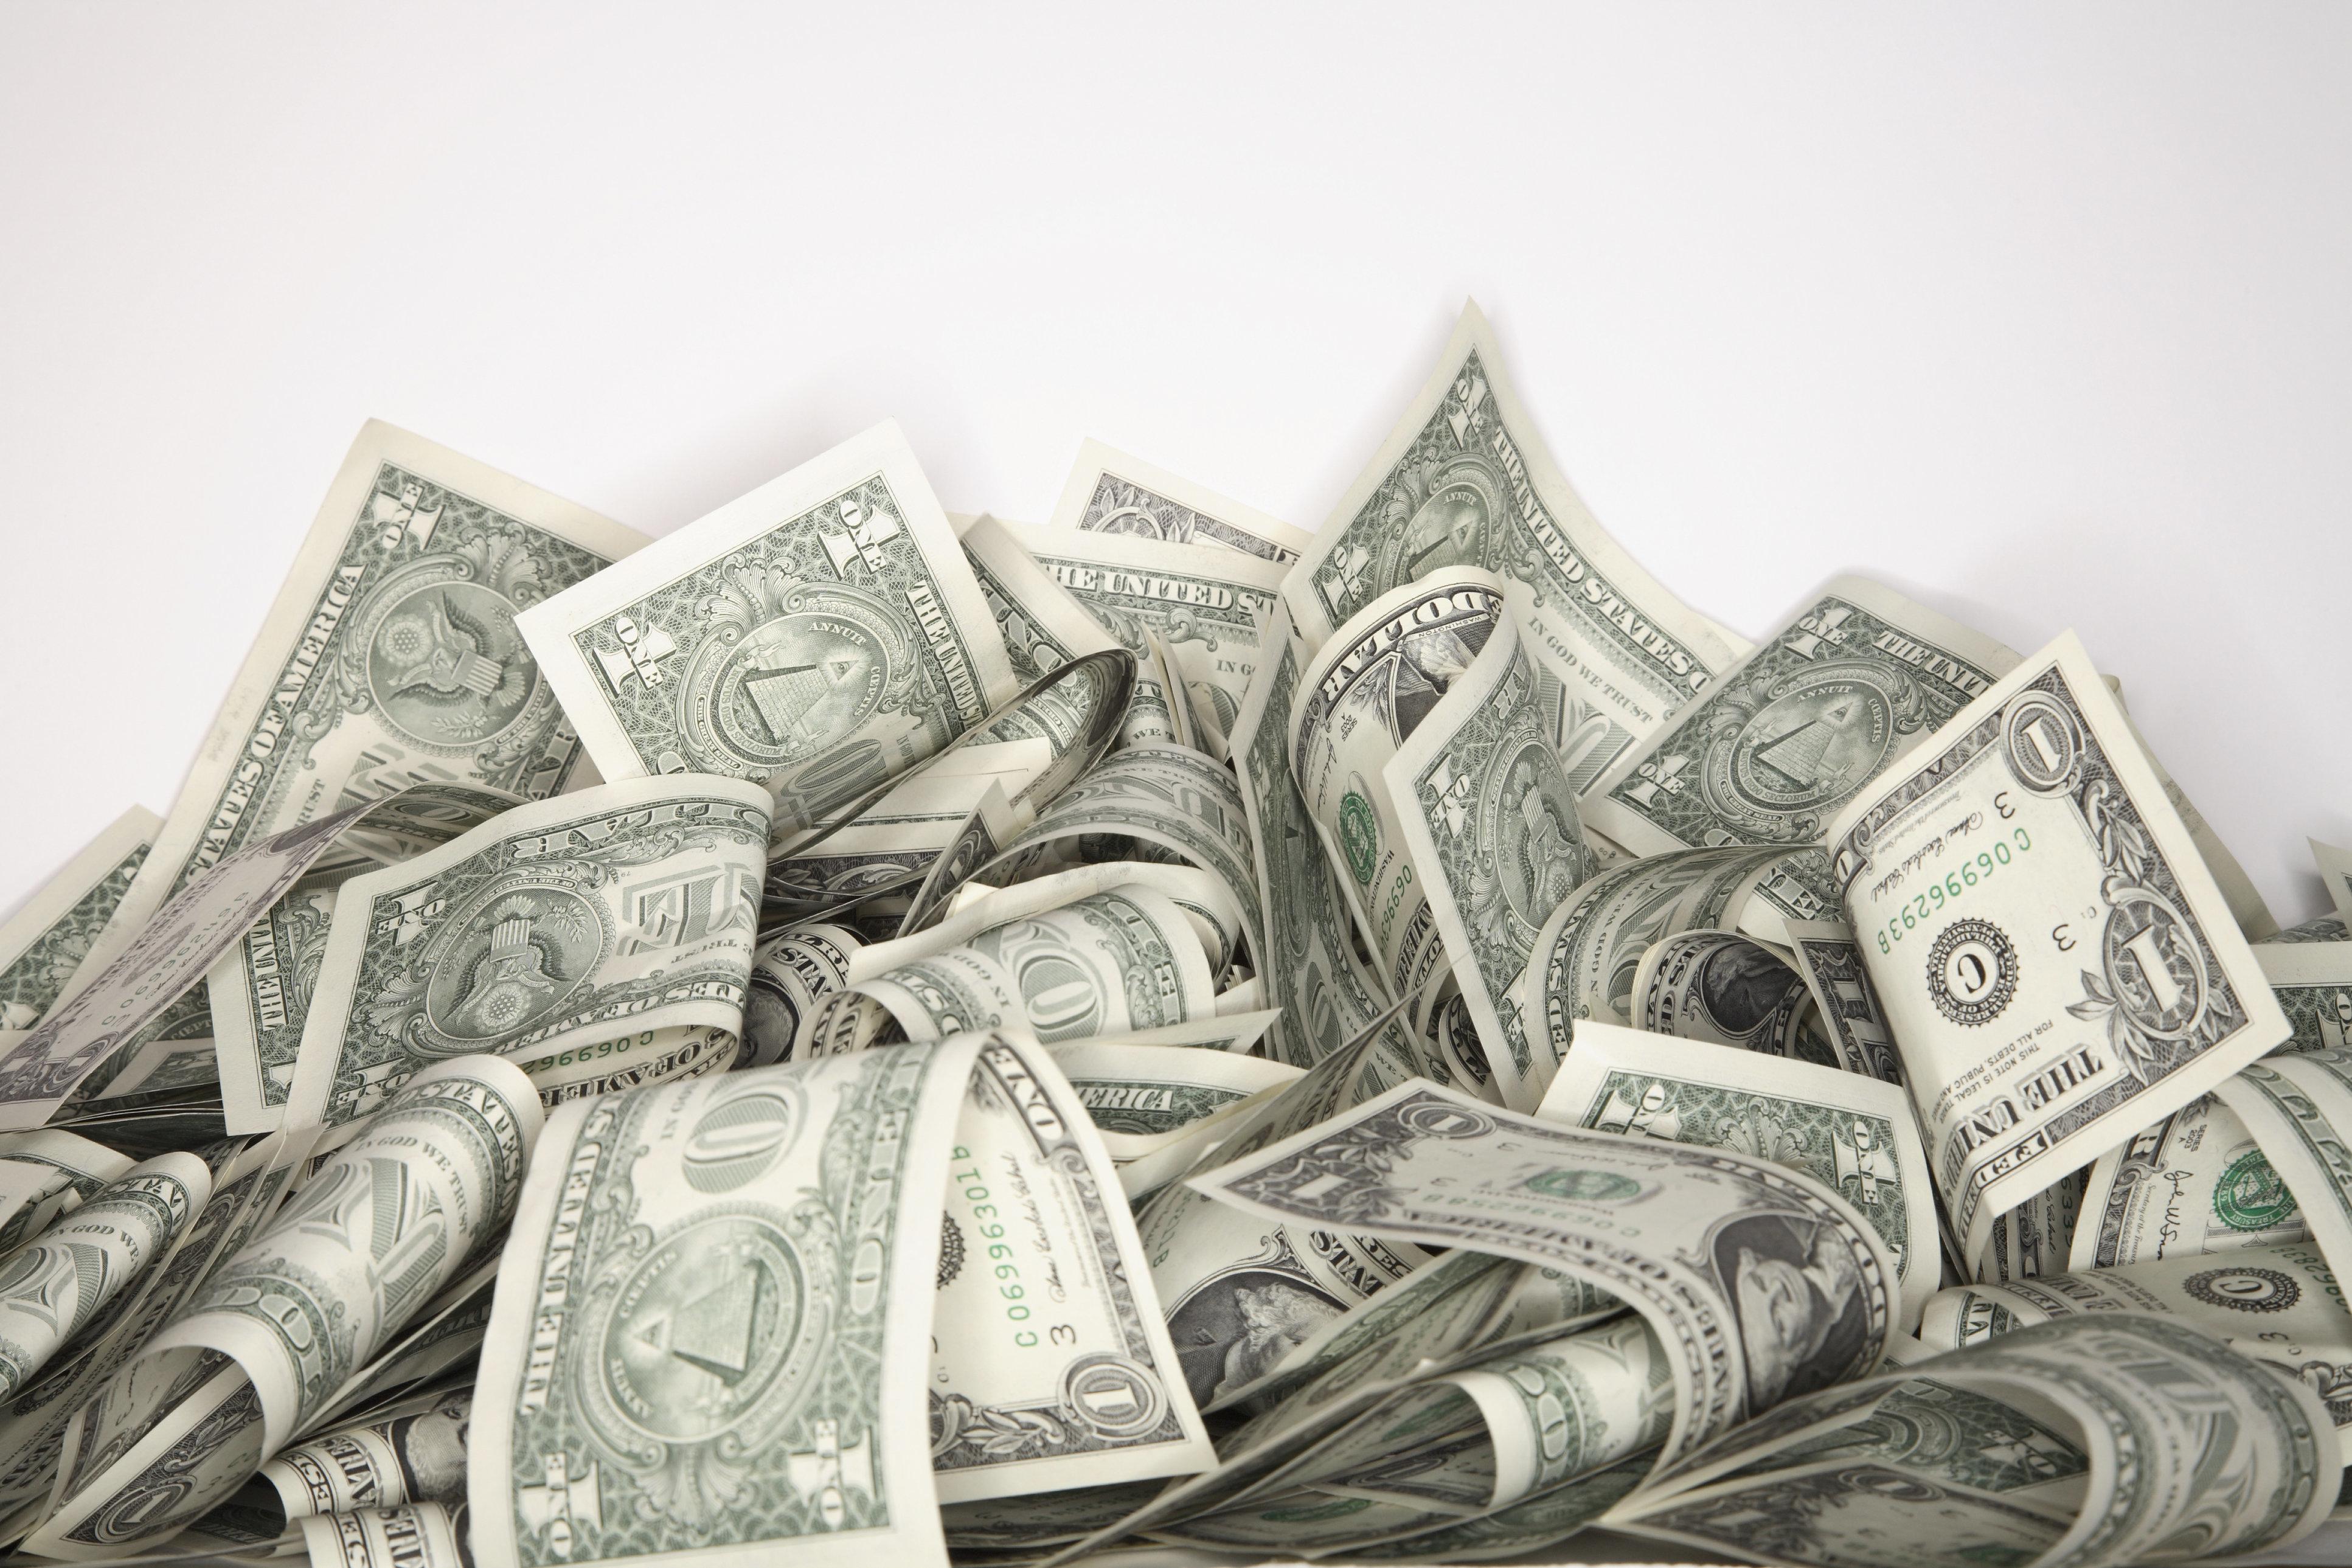 Pile of $1 bills